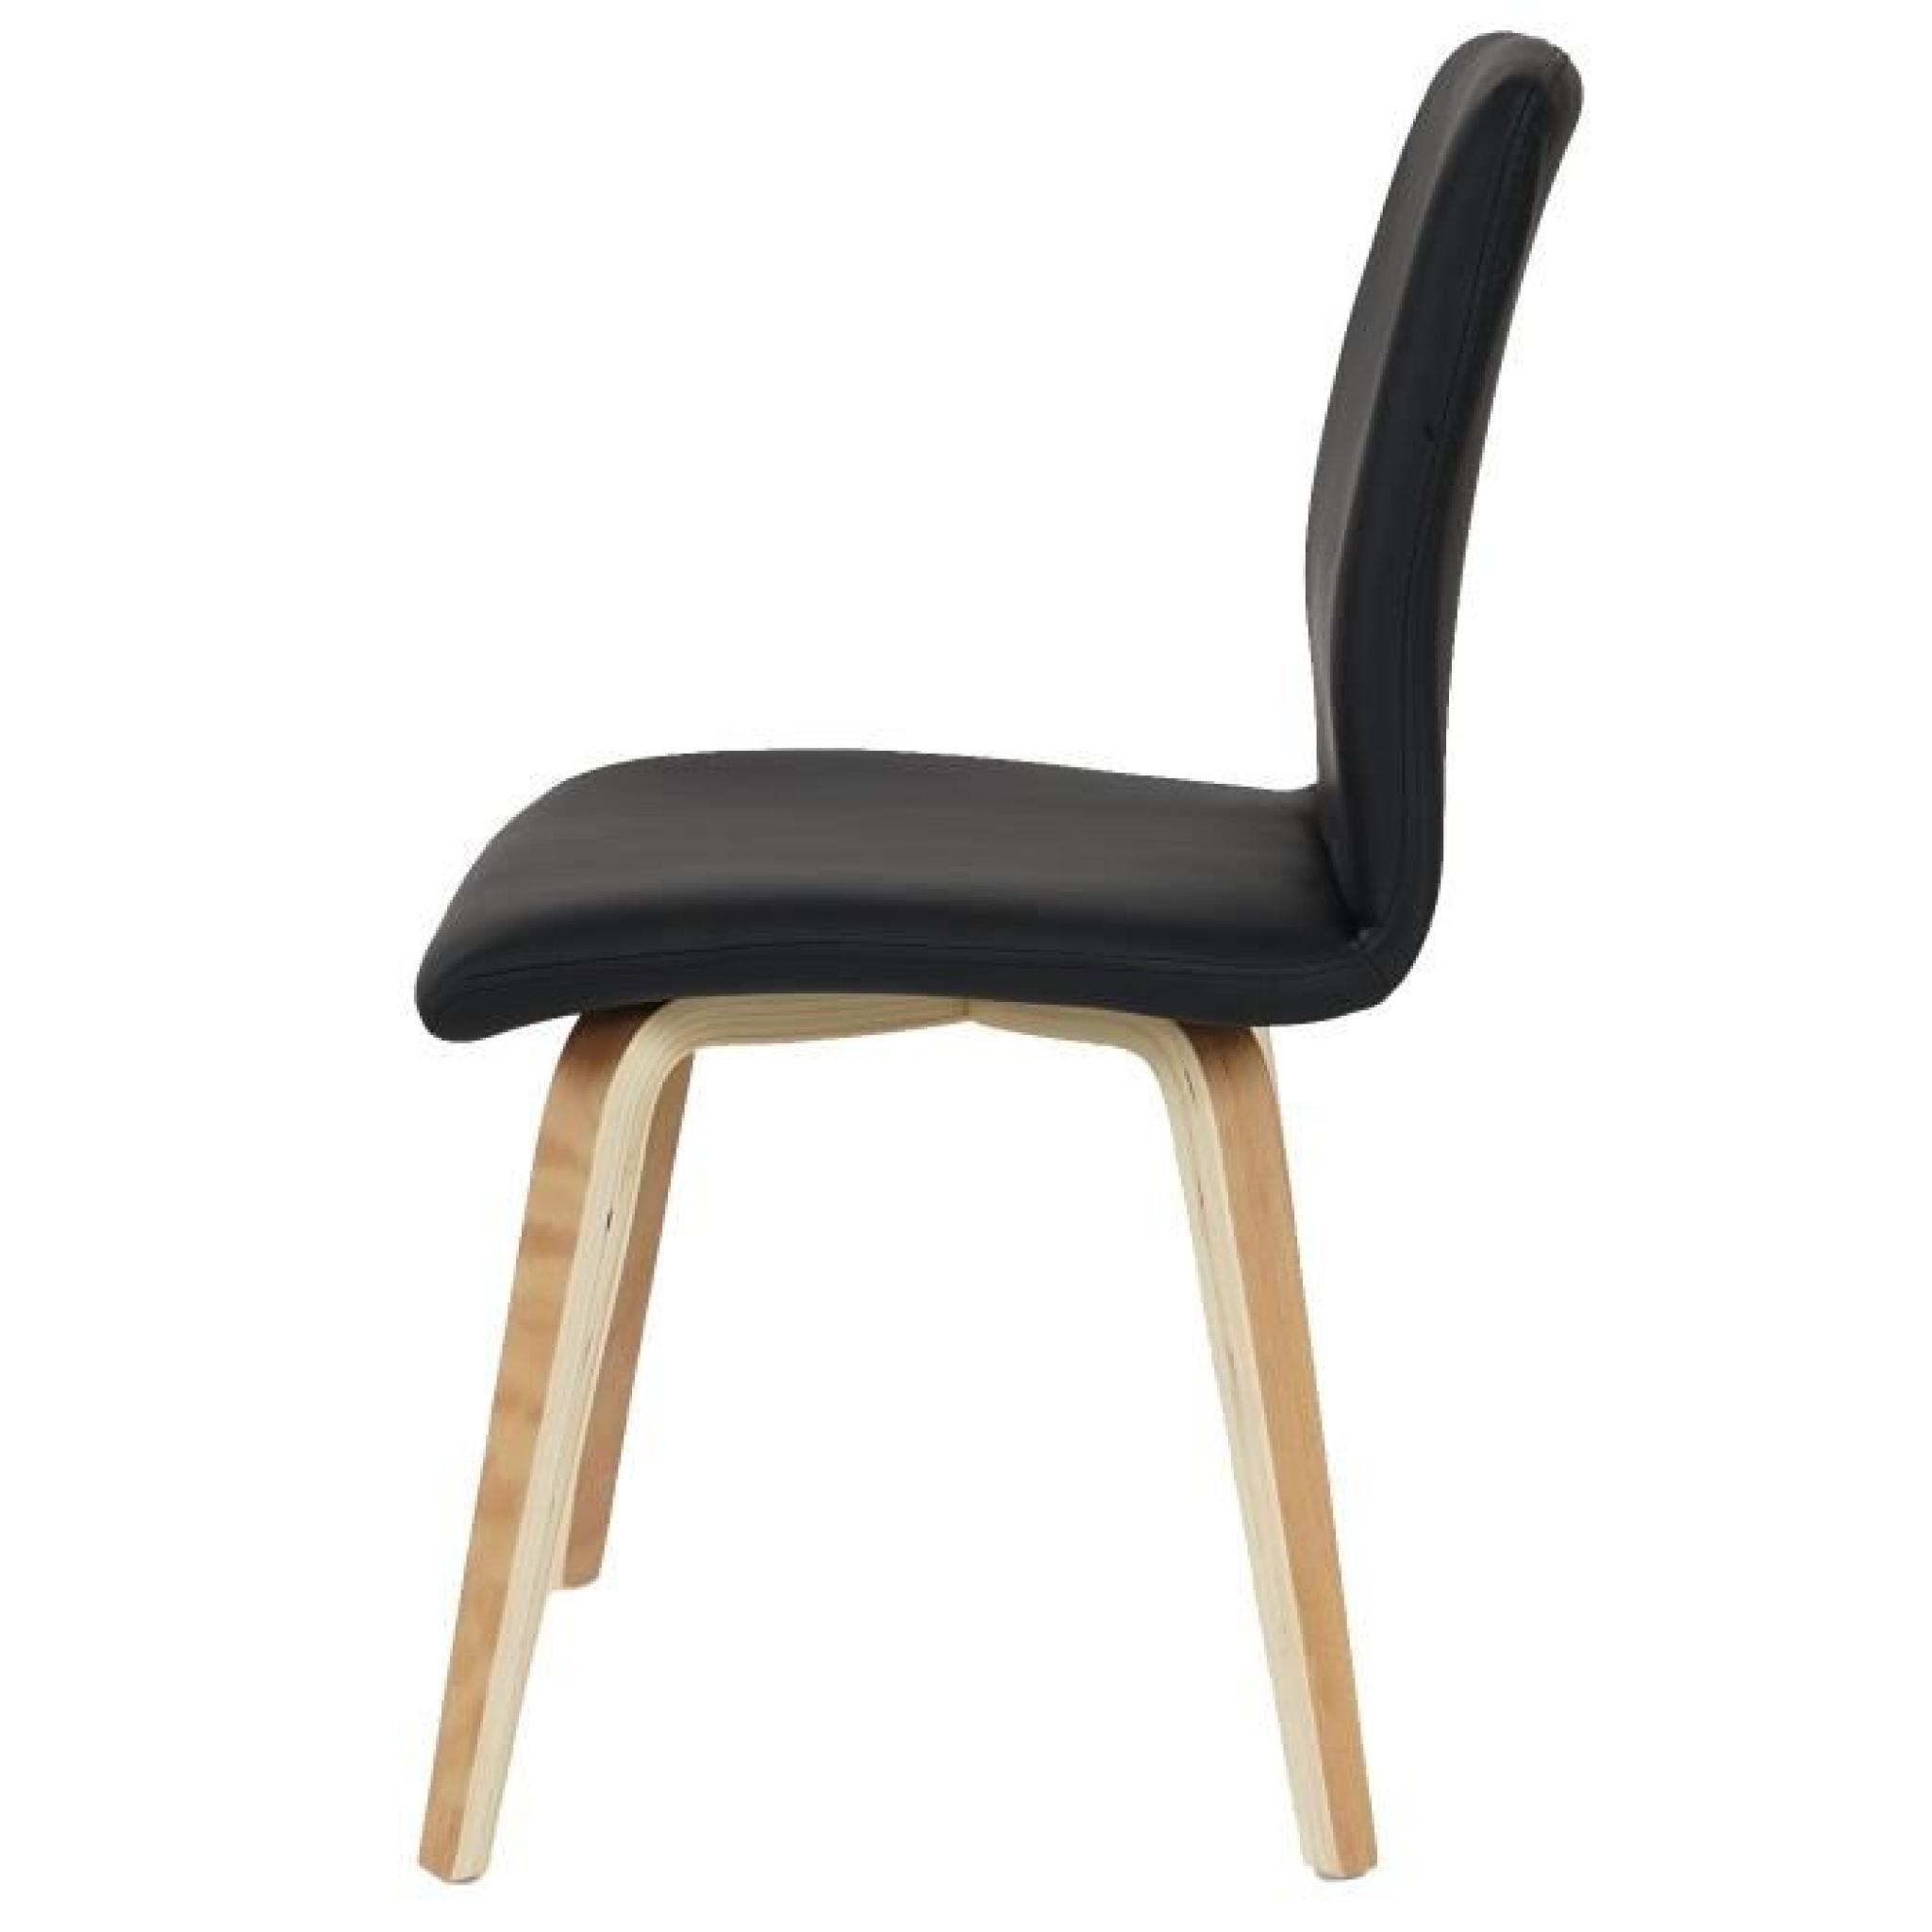 lot de 2 chaises de s jour bendorf style r tro pieds clairs tissu gris achat vente chaise. Black Bedroom Furniture Sets. Home Design Ideas